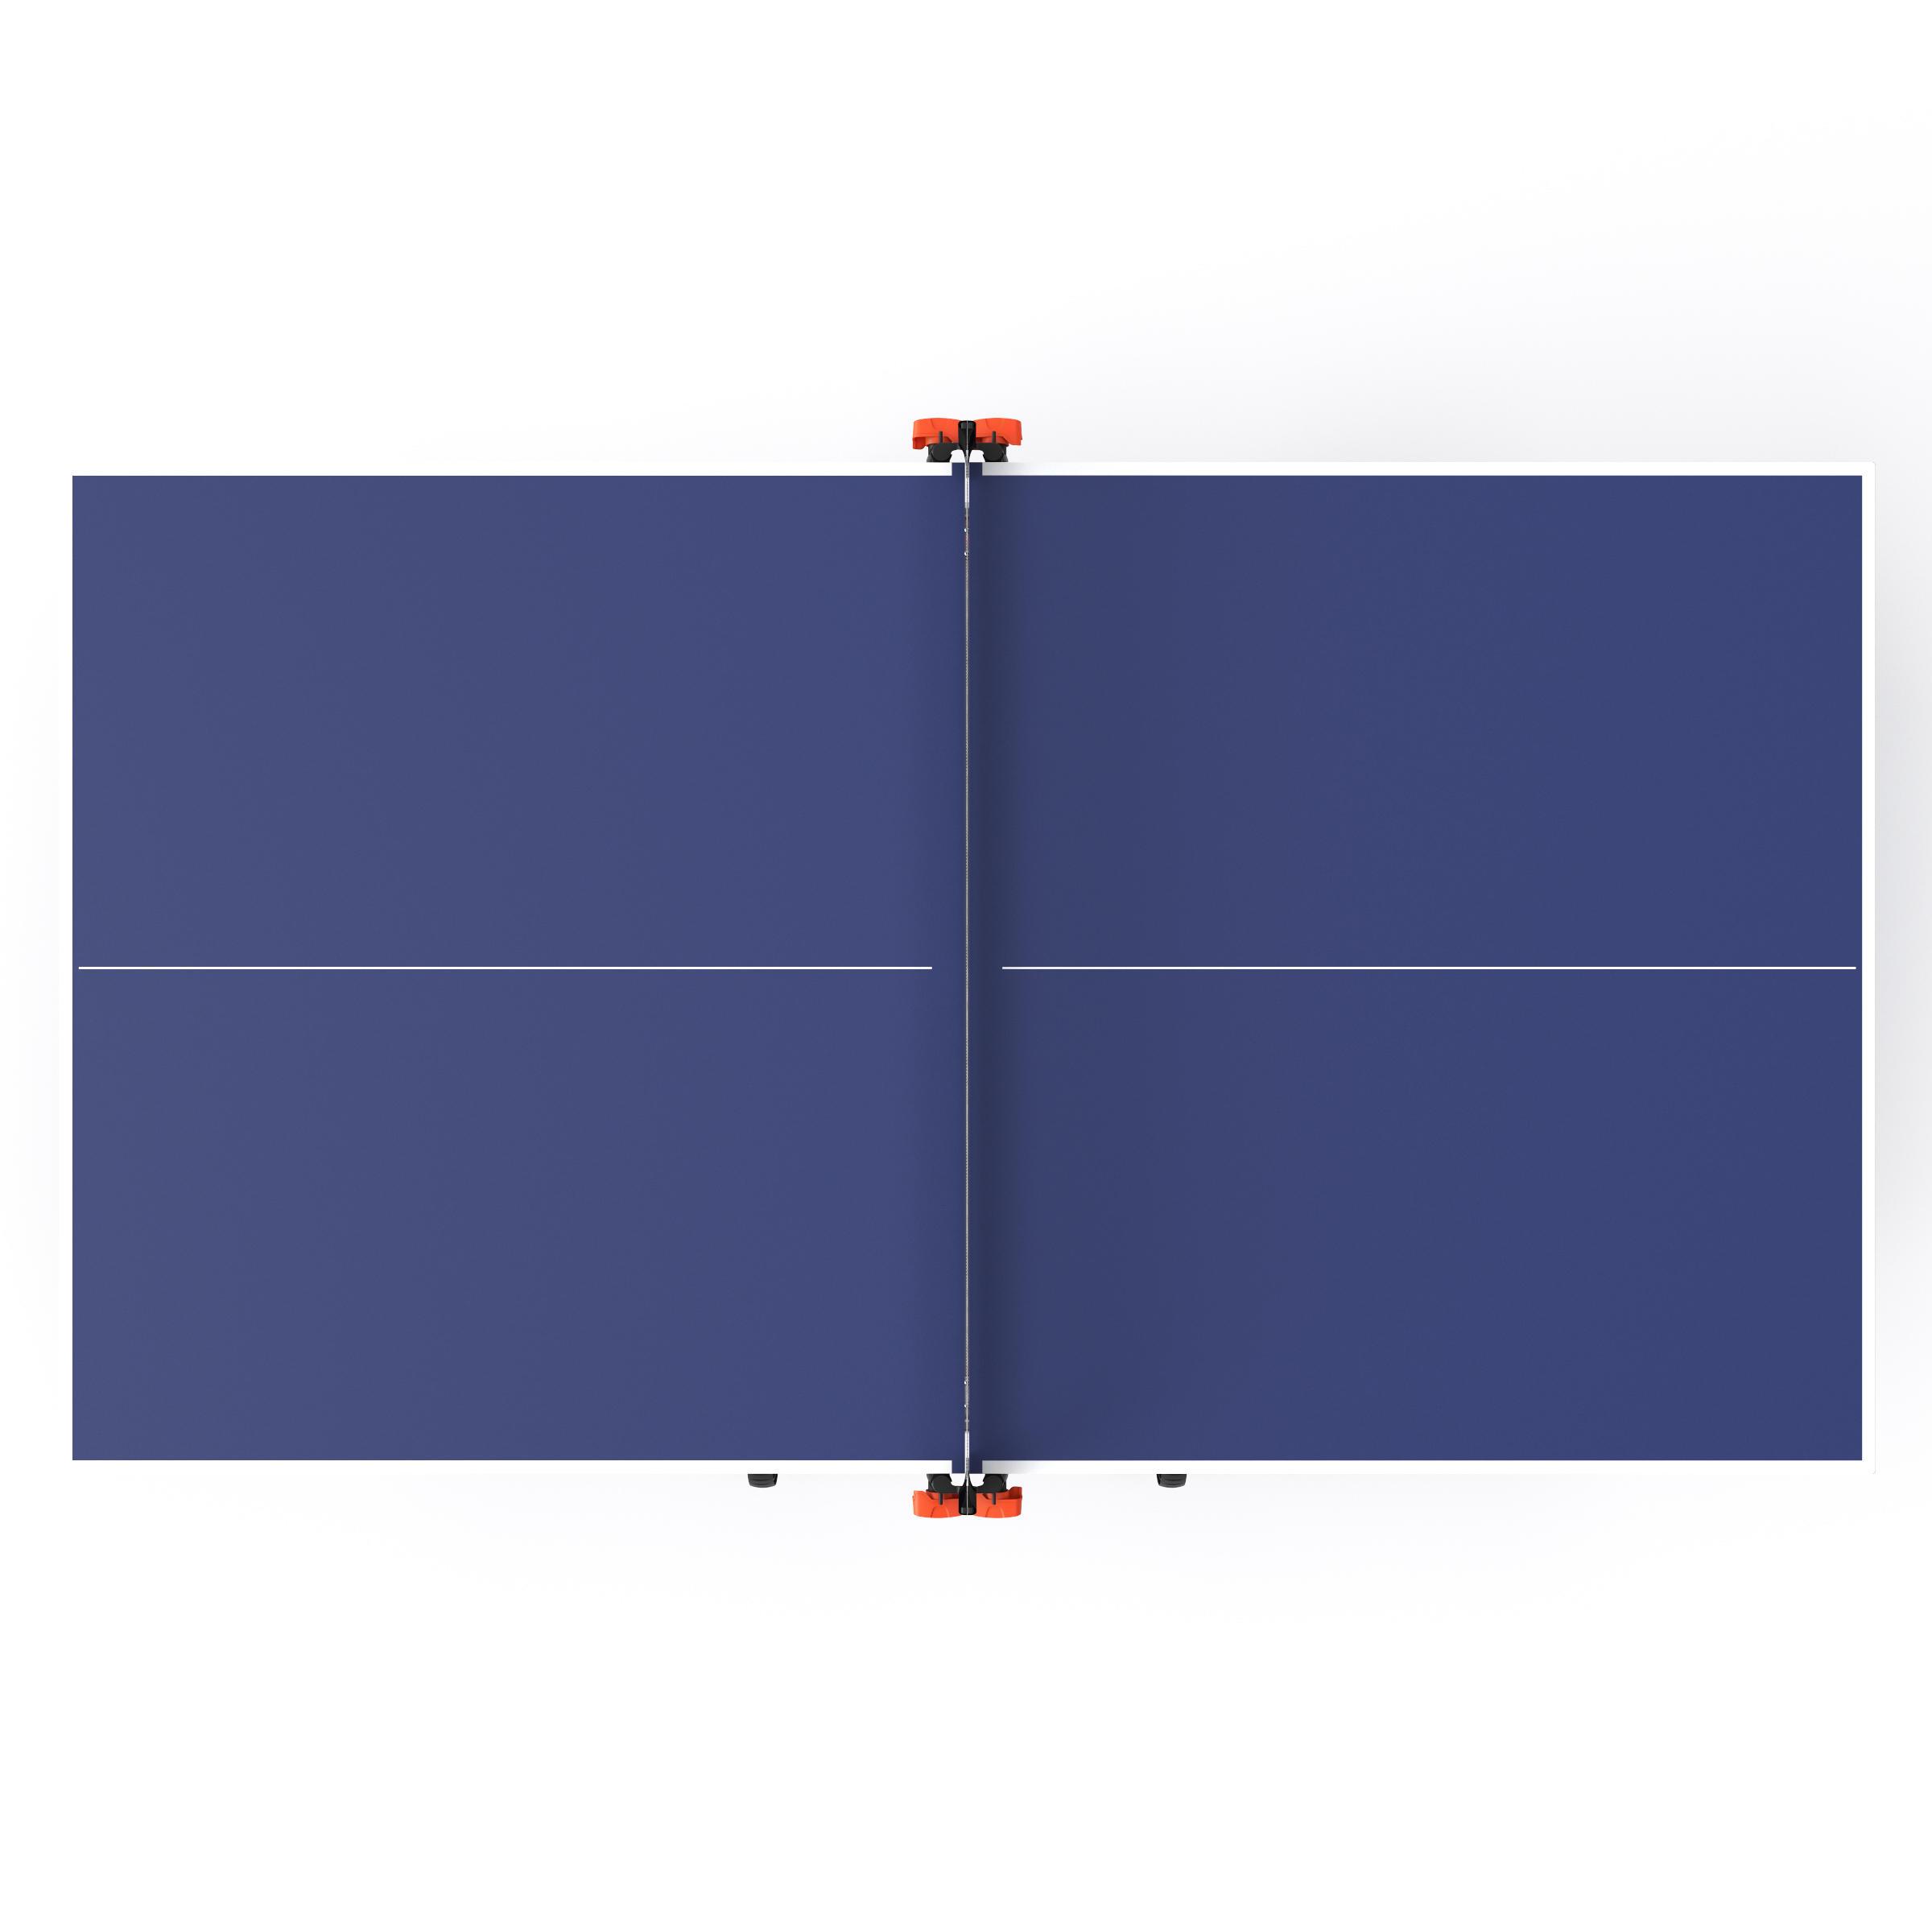 691fbe1bf Mesa de ping pong exterior ARTENGO FT 730 - Decathlon